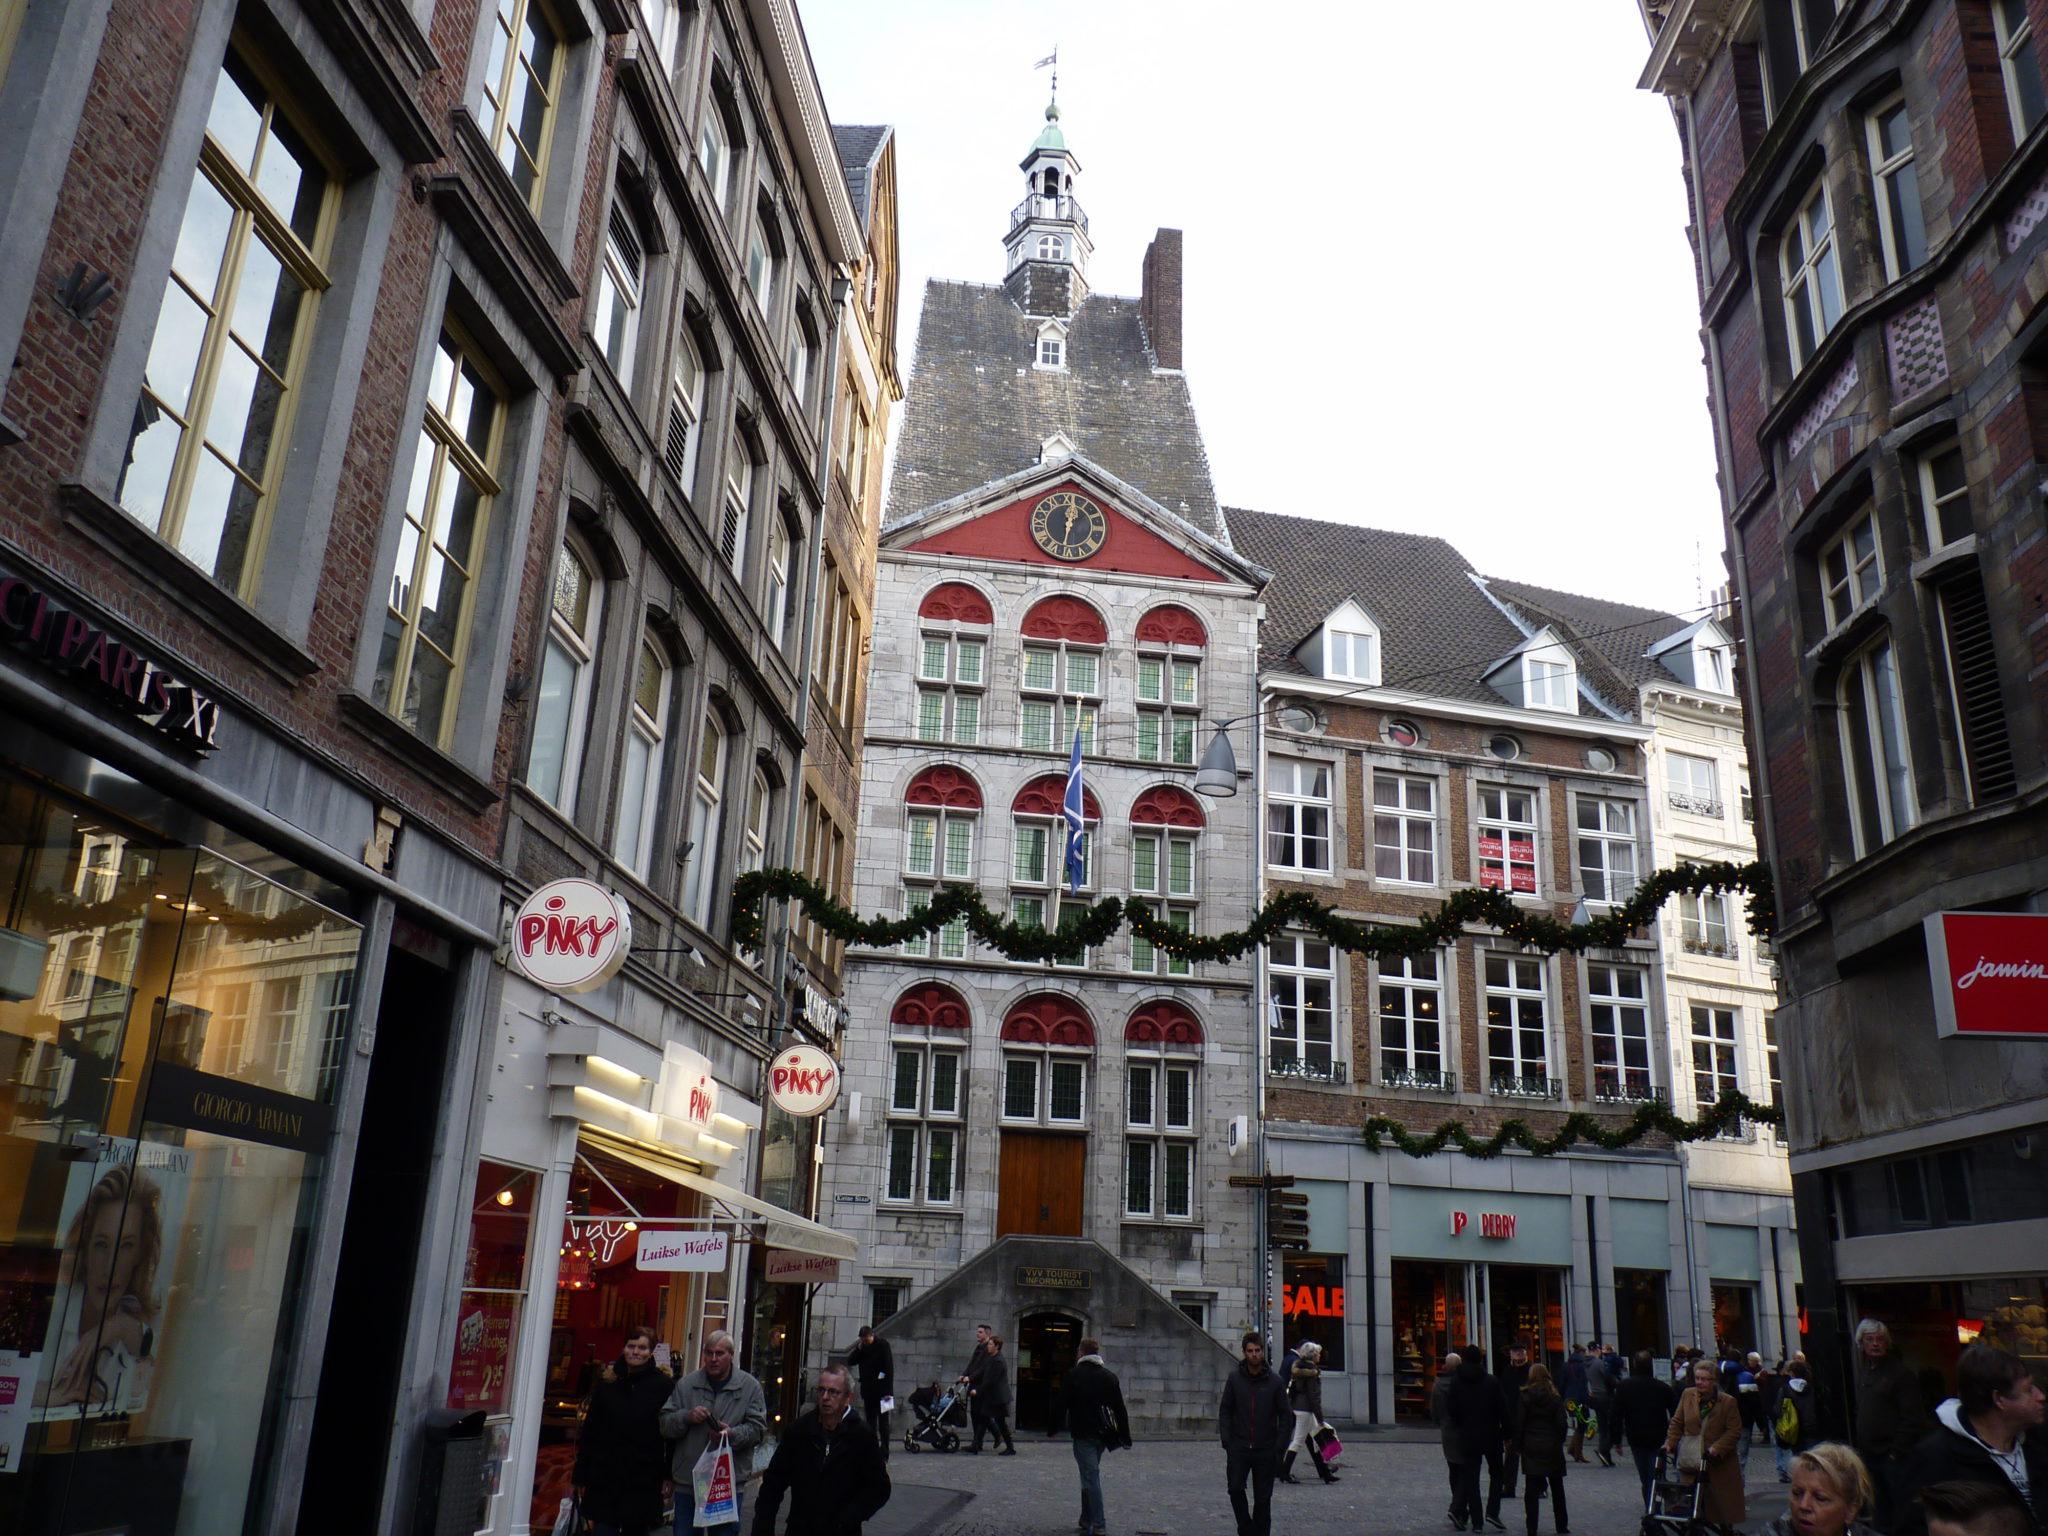 Stadswandeling binnen de stadswallen van Maastricht.